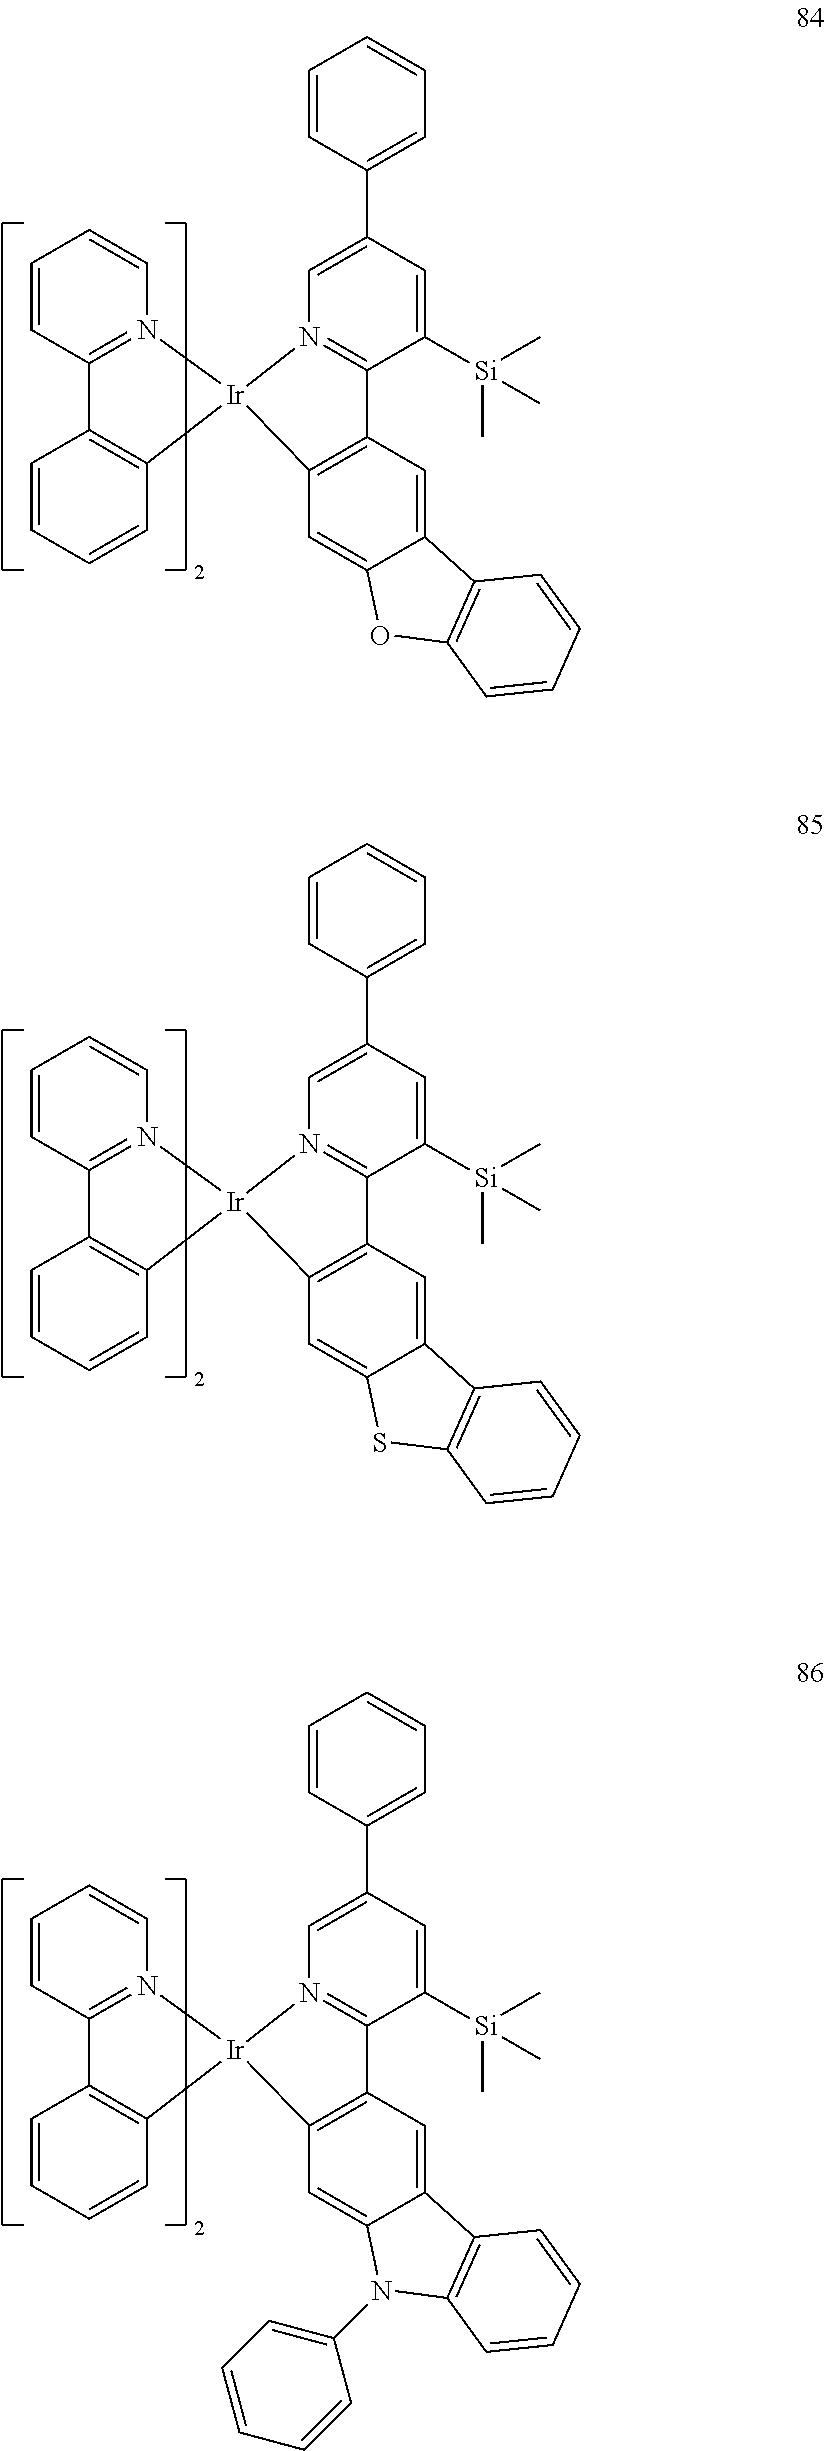 Figure US20160155962A1-20160602-C00354